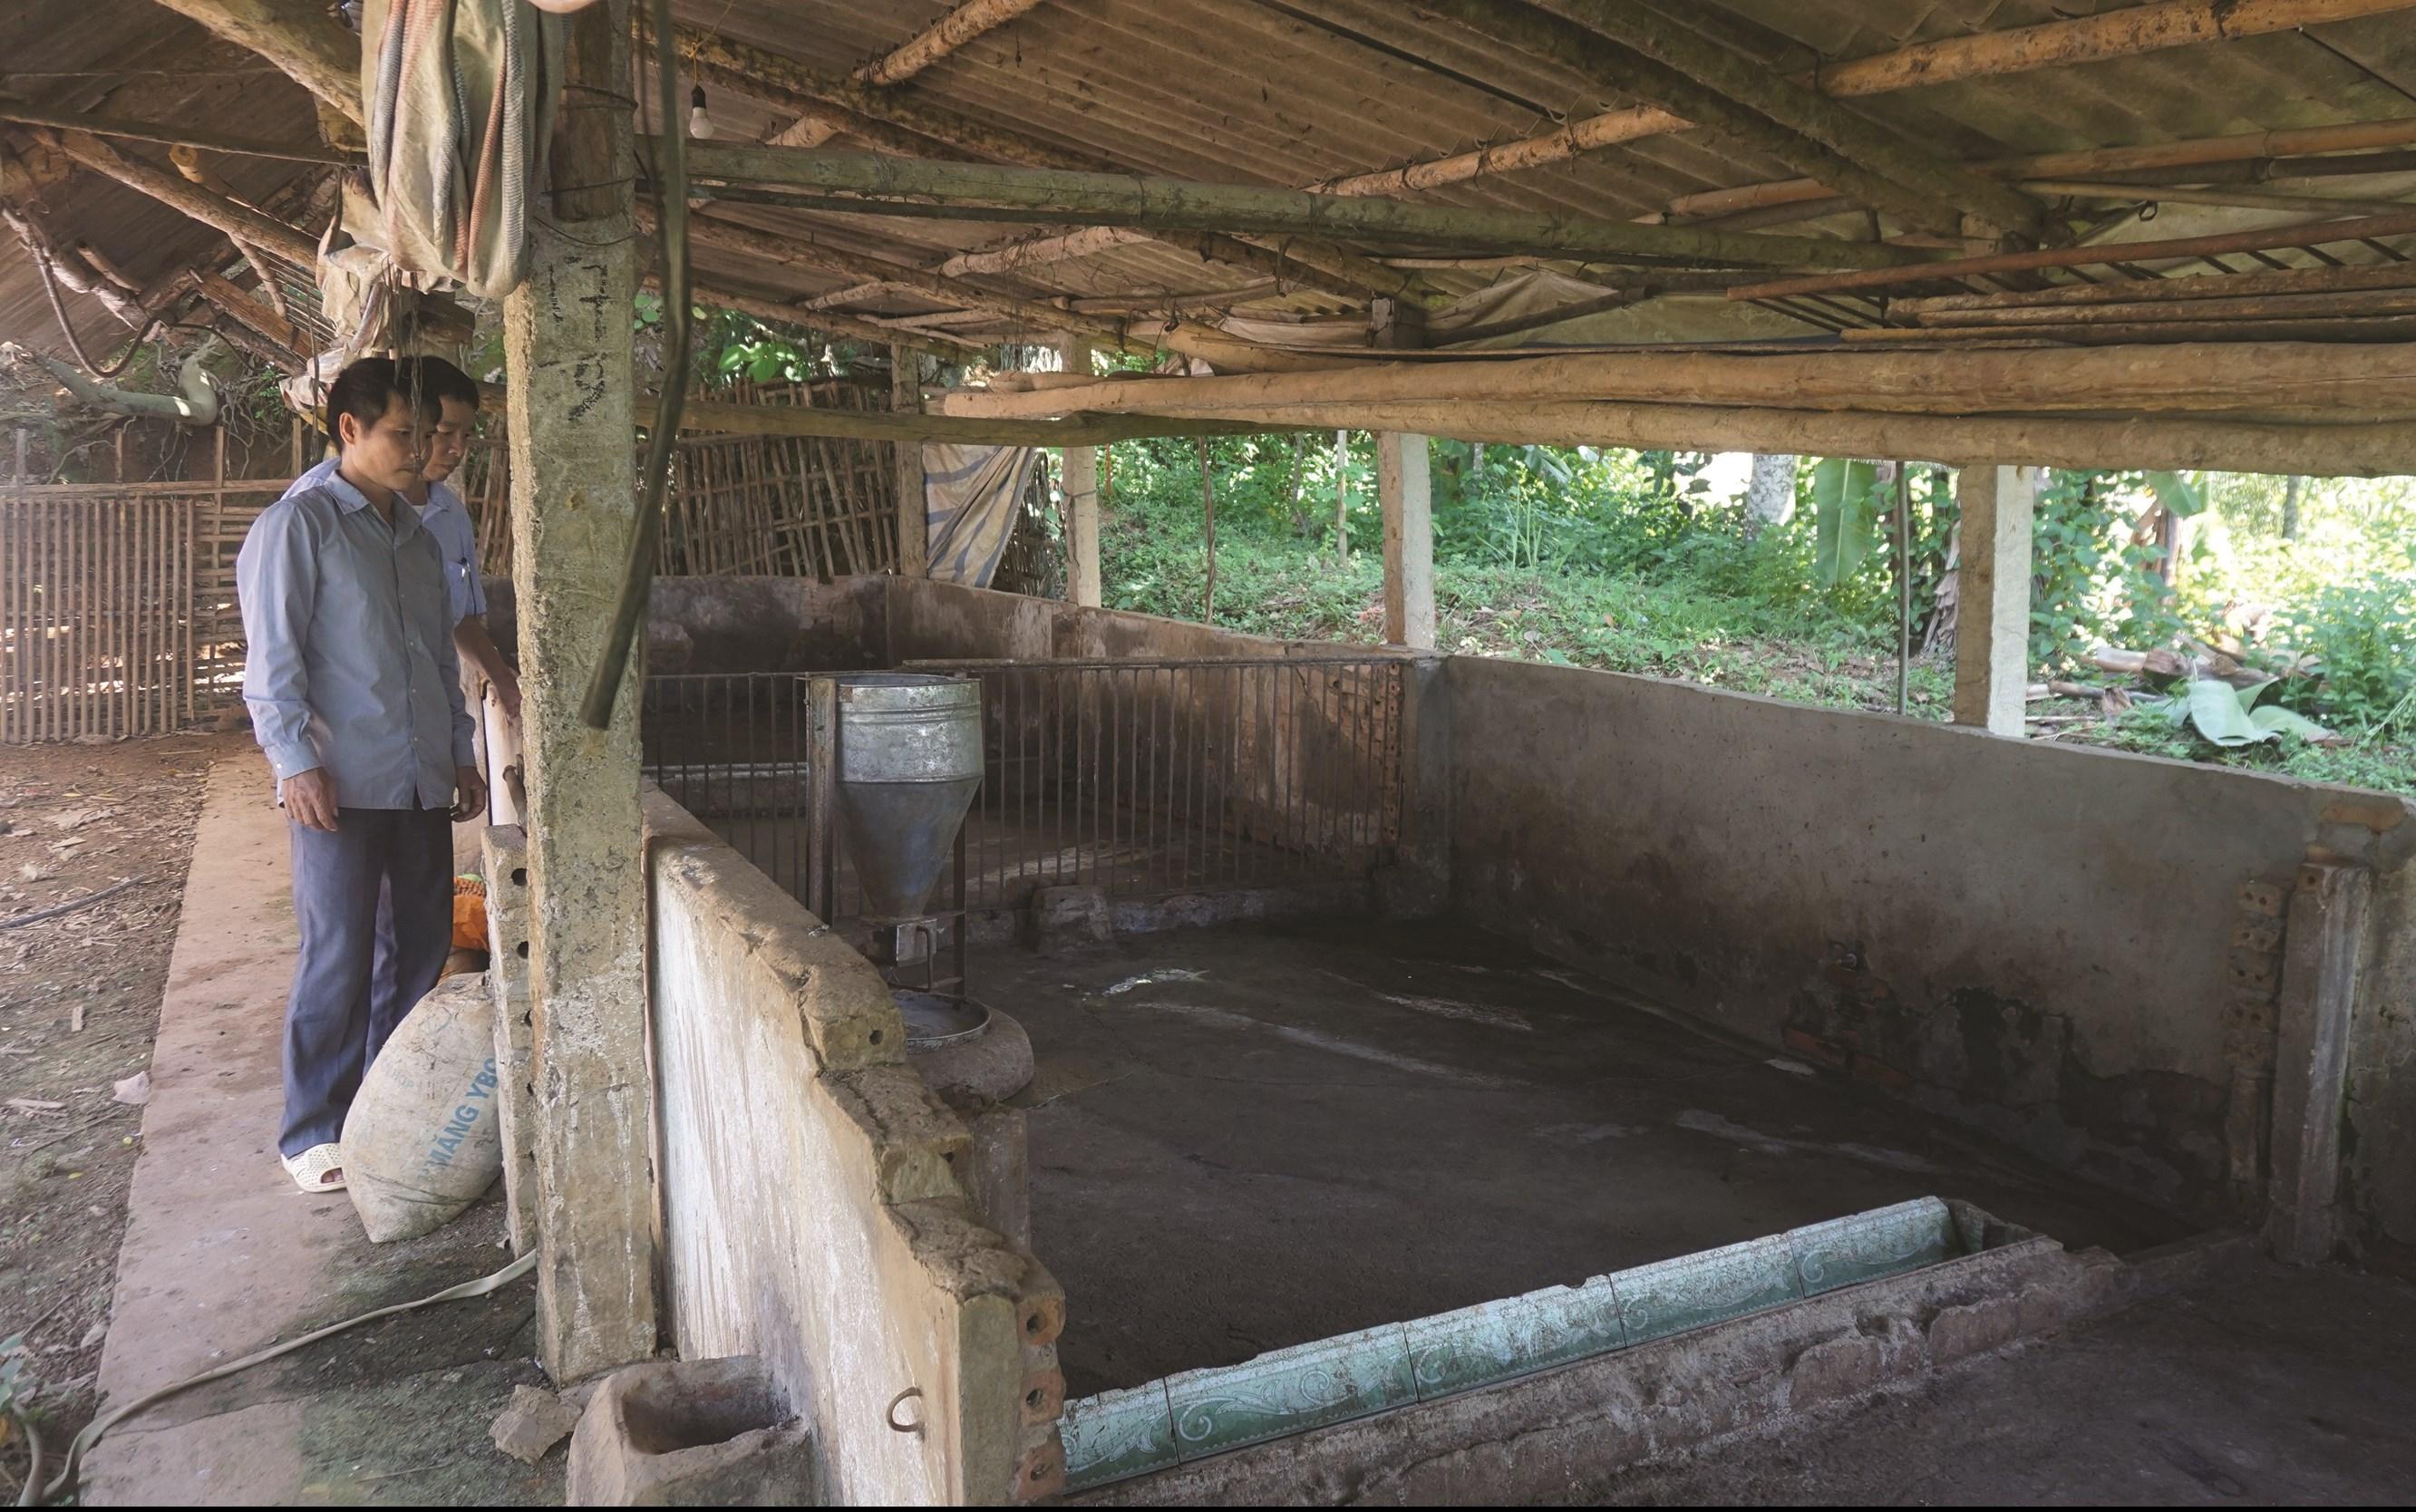 Nhiều hộ gia đình đầu tư chuồng trại khang trang nhưng hiện cũng đành phải bỏ không do dịch tả lợn châu Phi.